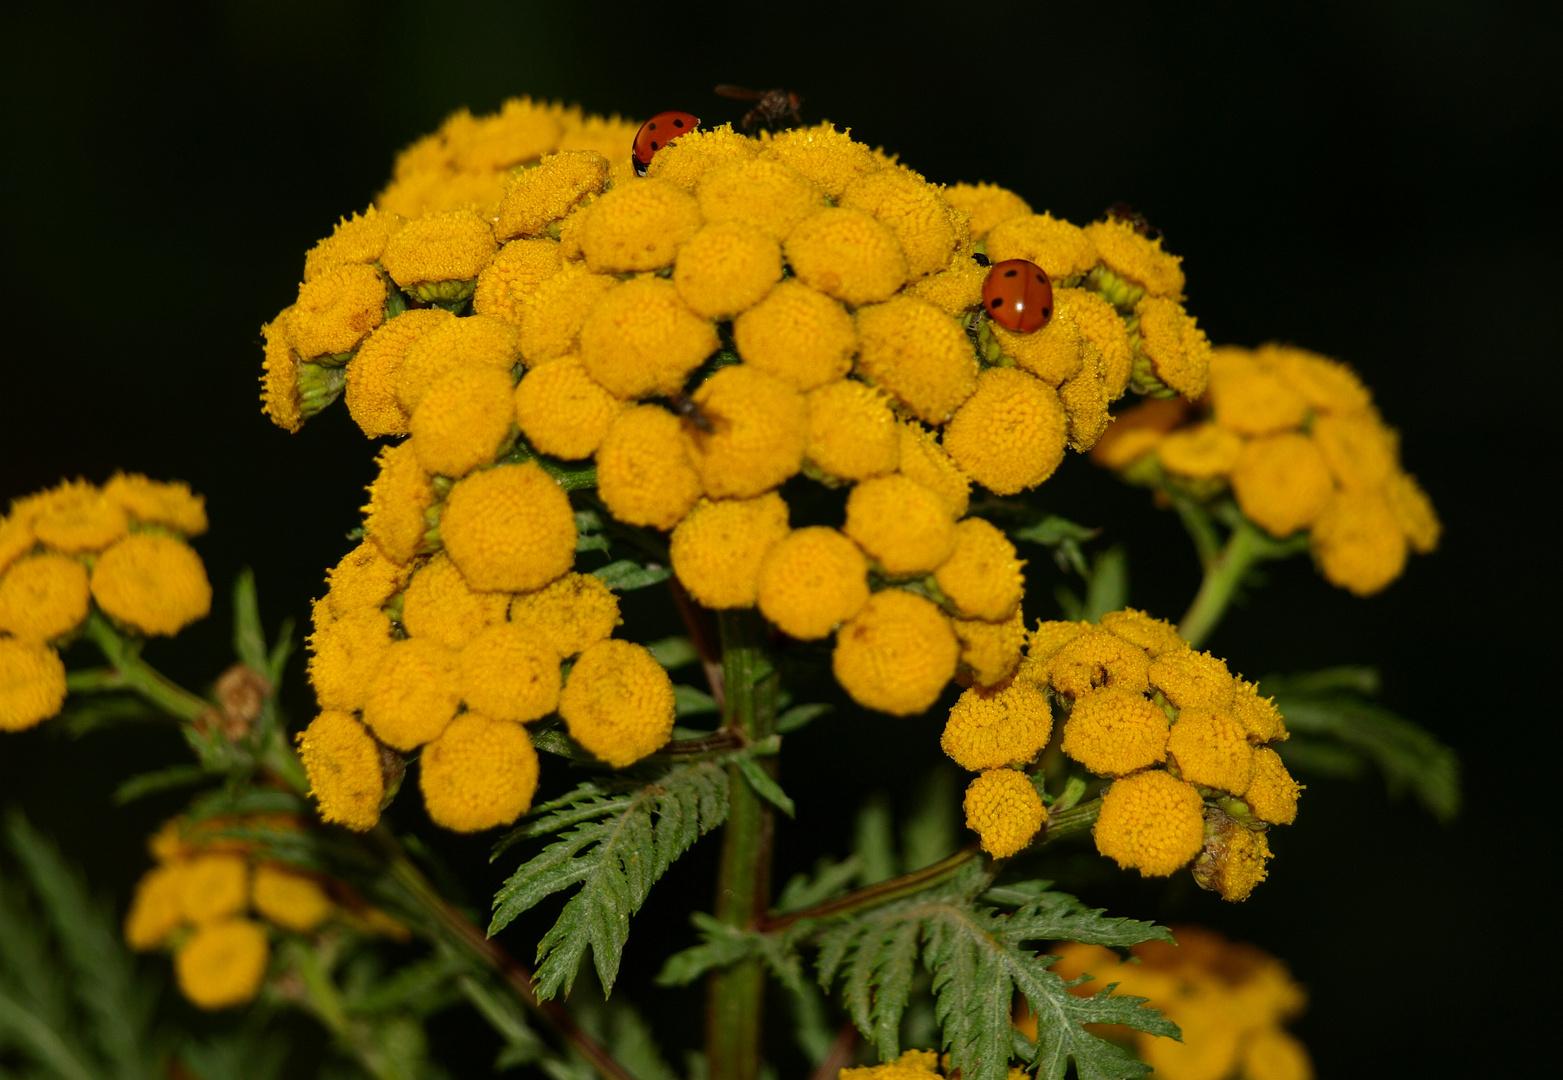 Gelbe Blüte mit Marienkäfer